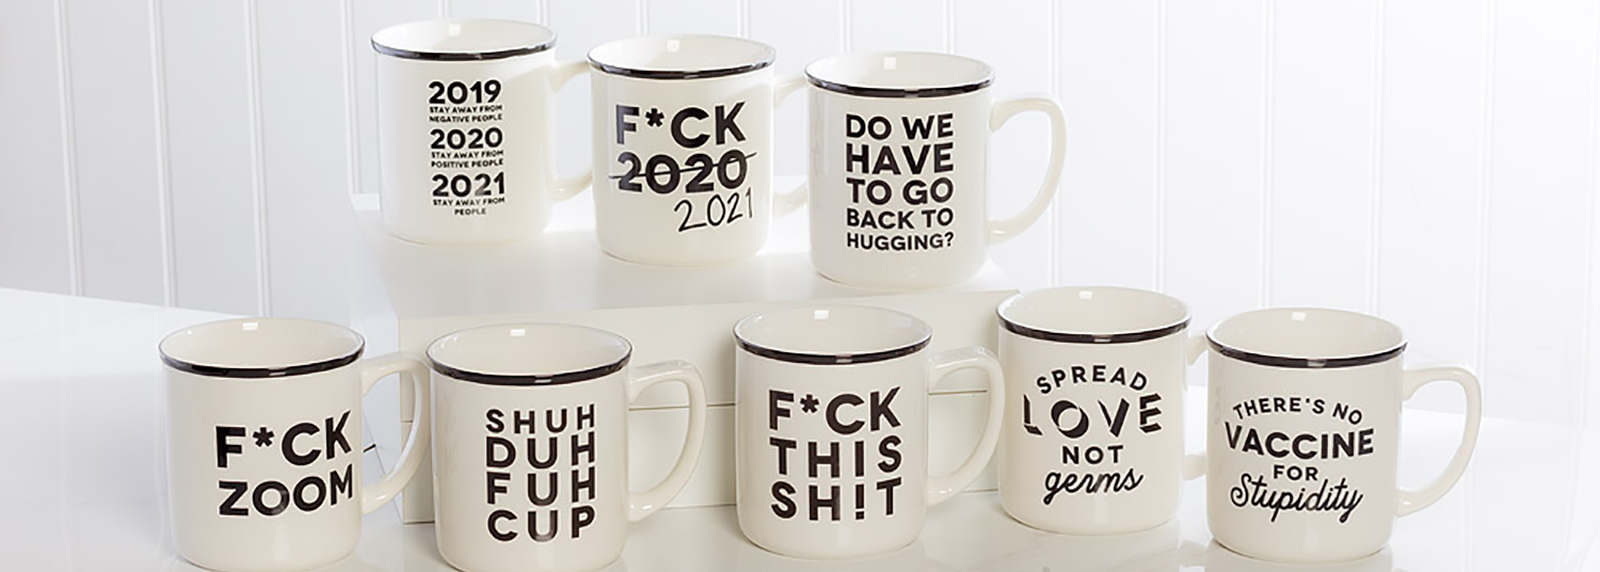 Covid Playful Text Mugs